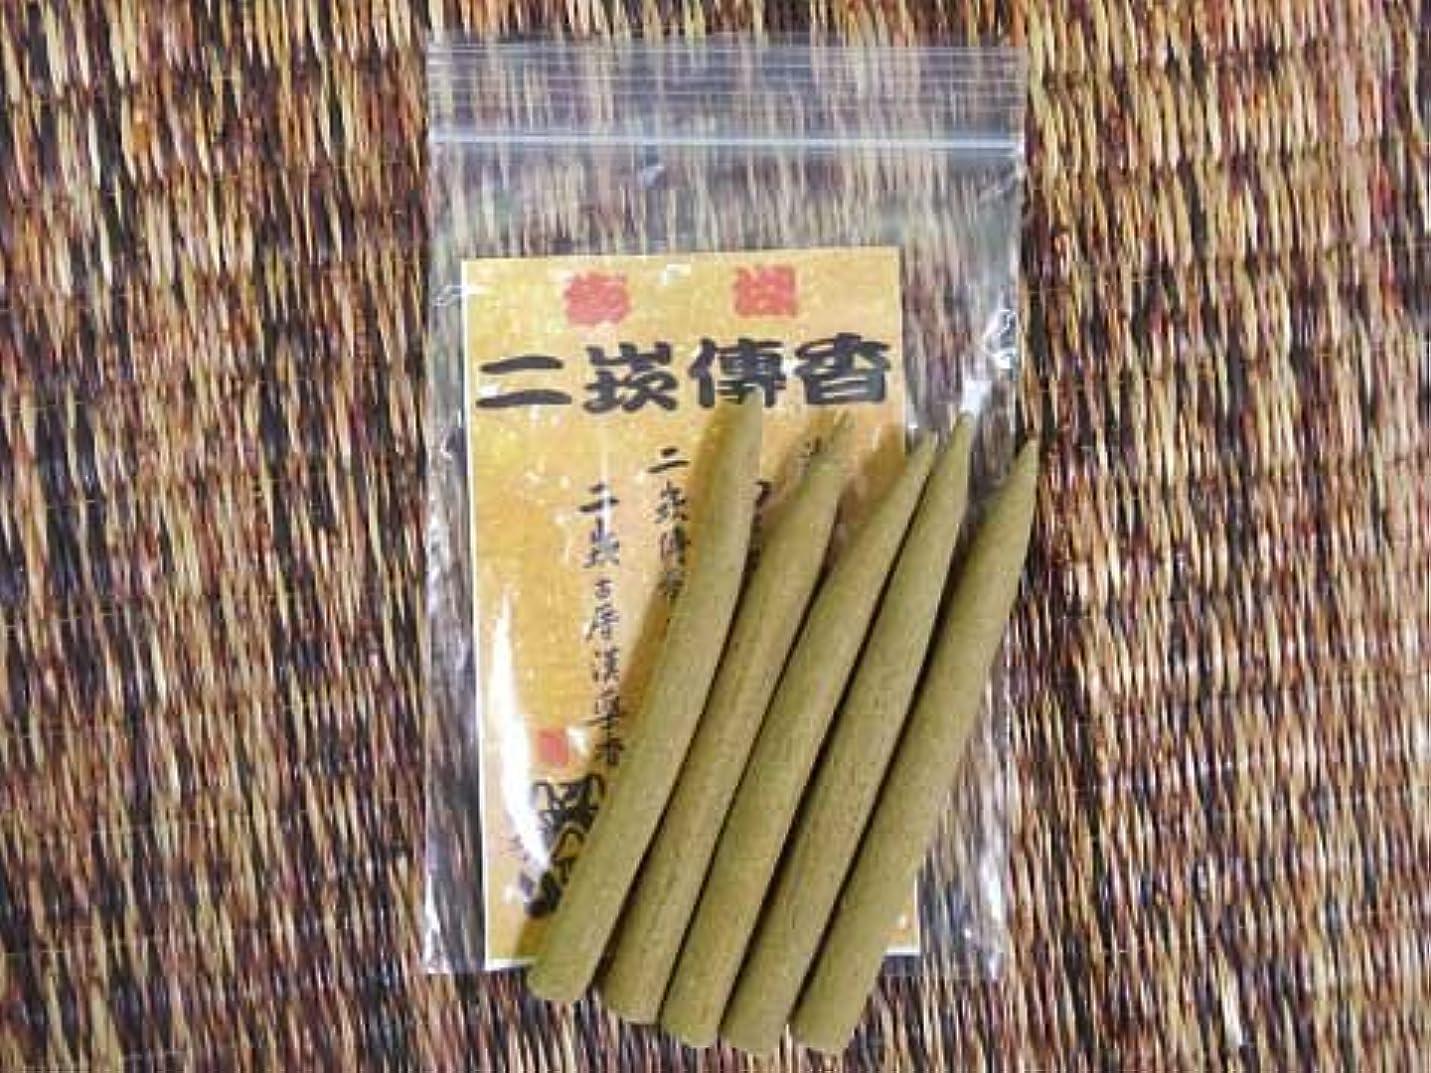 ループポゴスティックジャンプ消えるニガンハクコウ 【二 傳香(大)】台湾は澎湖島でのみ作られている伝統的な魔除香